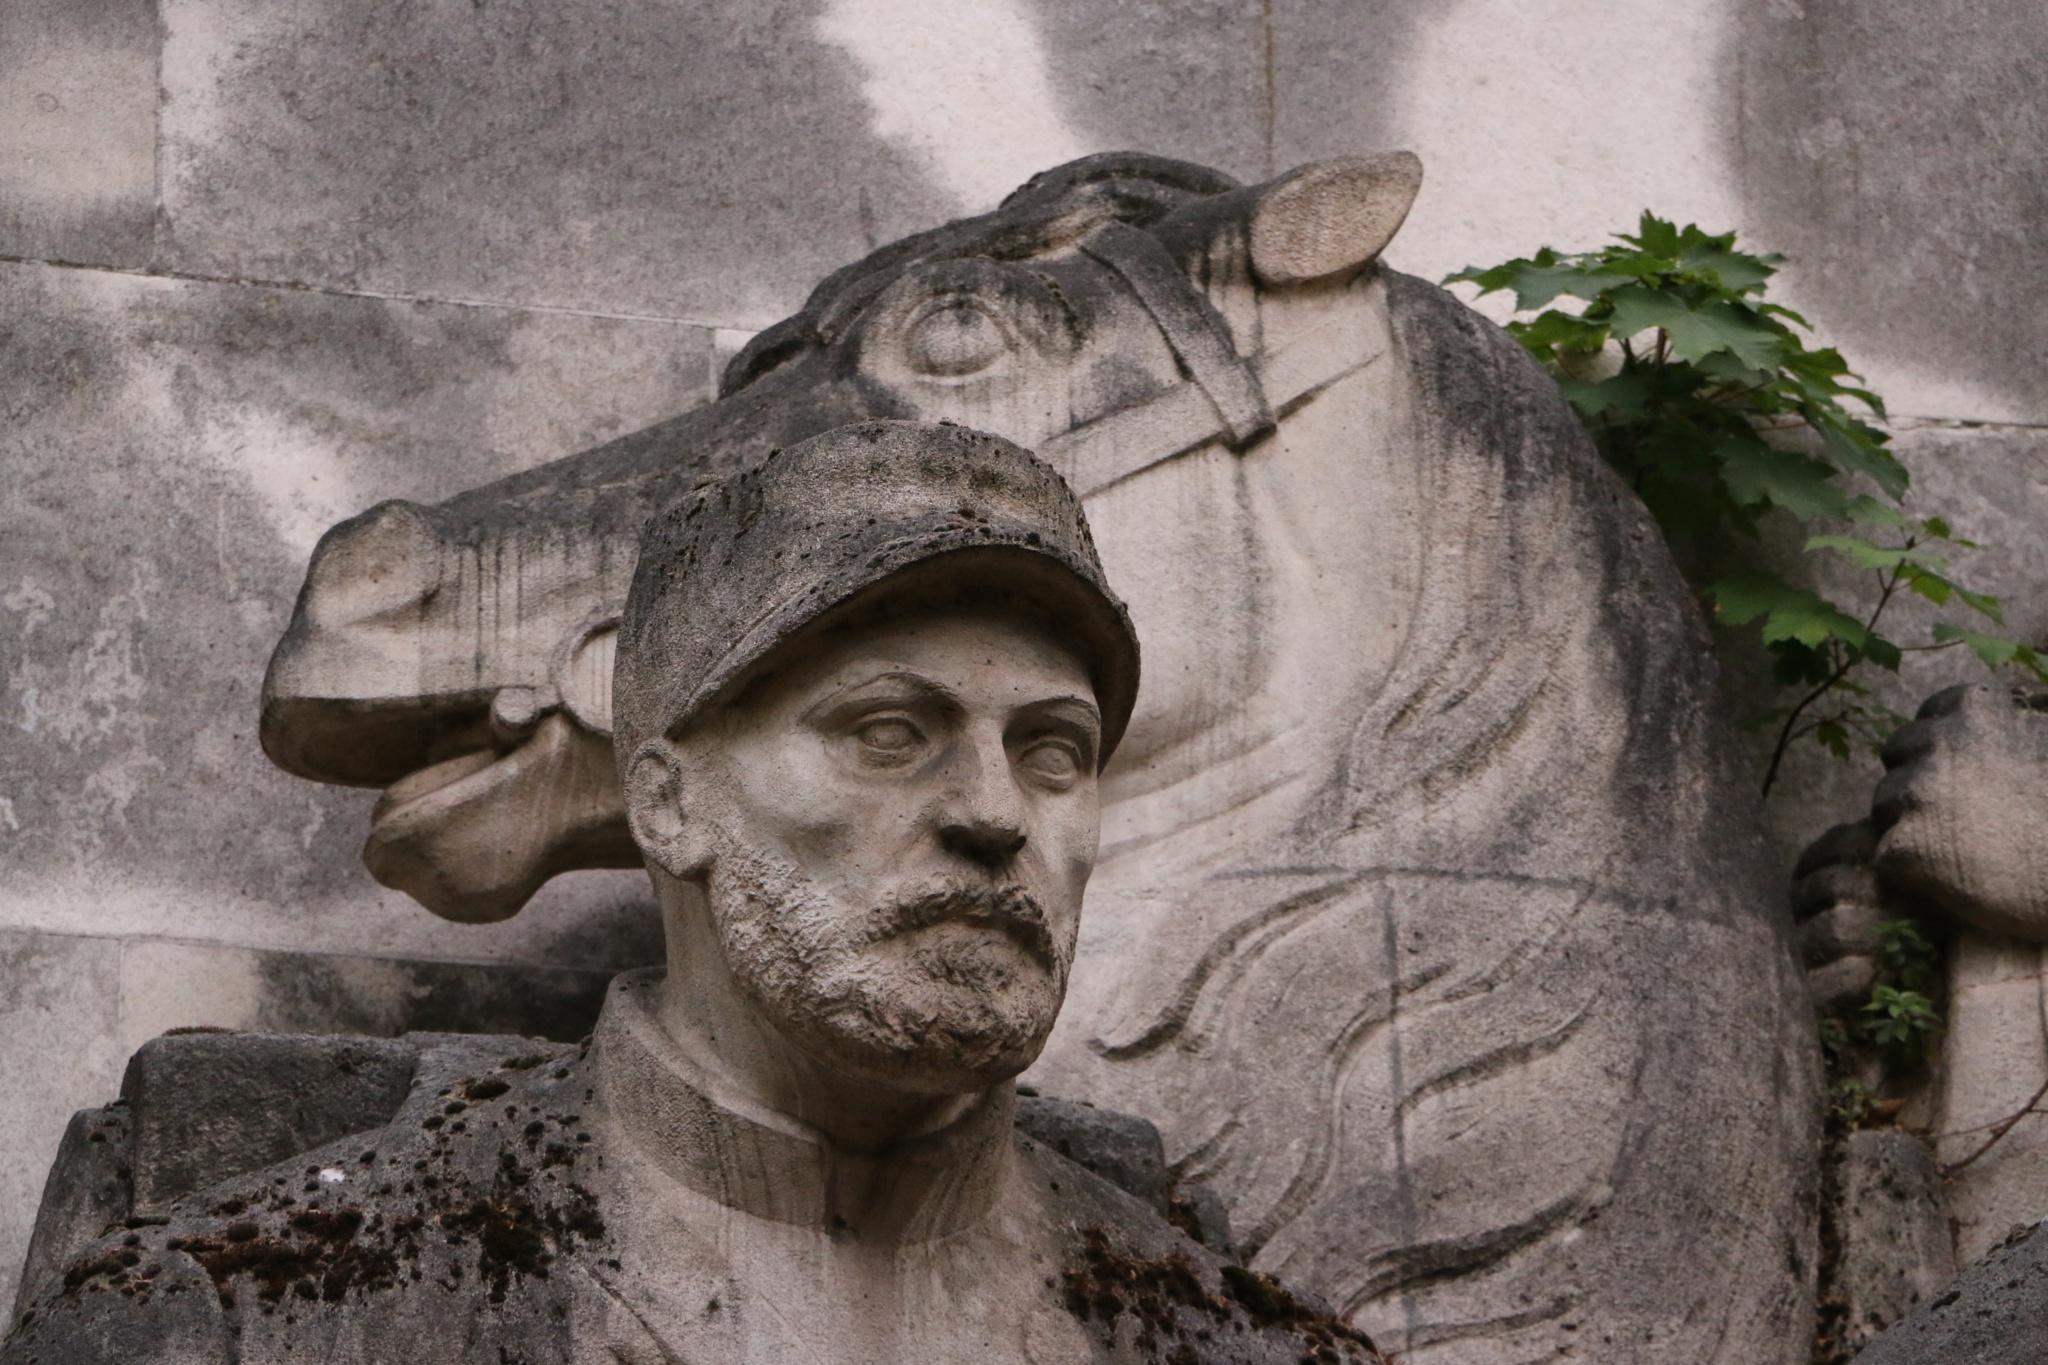 Statue, Trocadero, Paris by David McColgan Photography